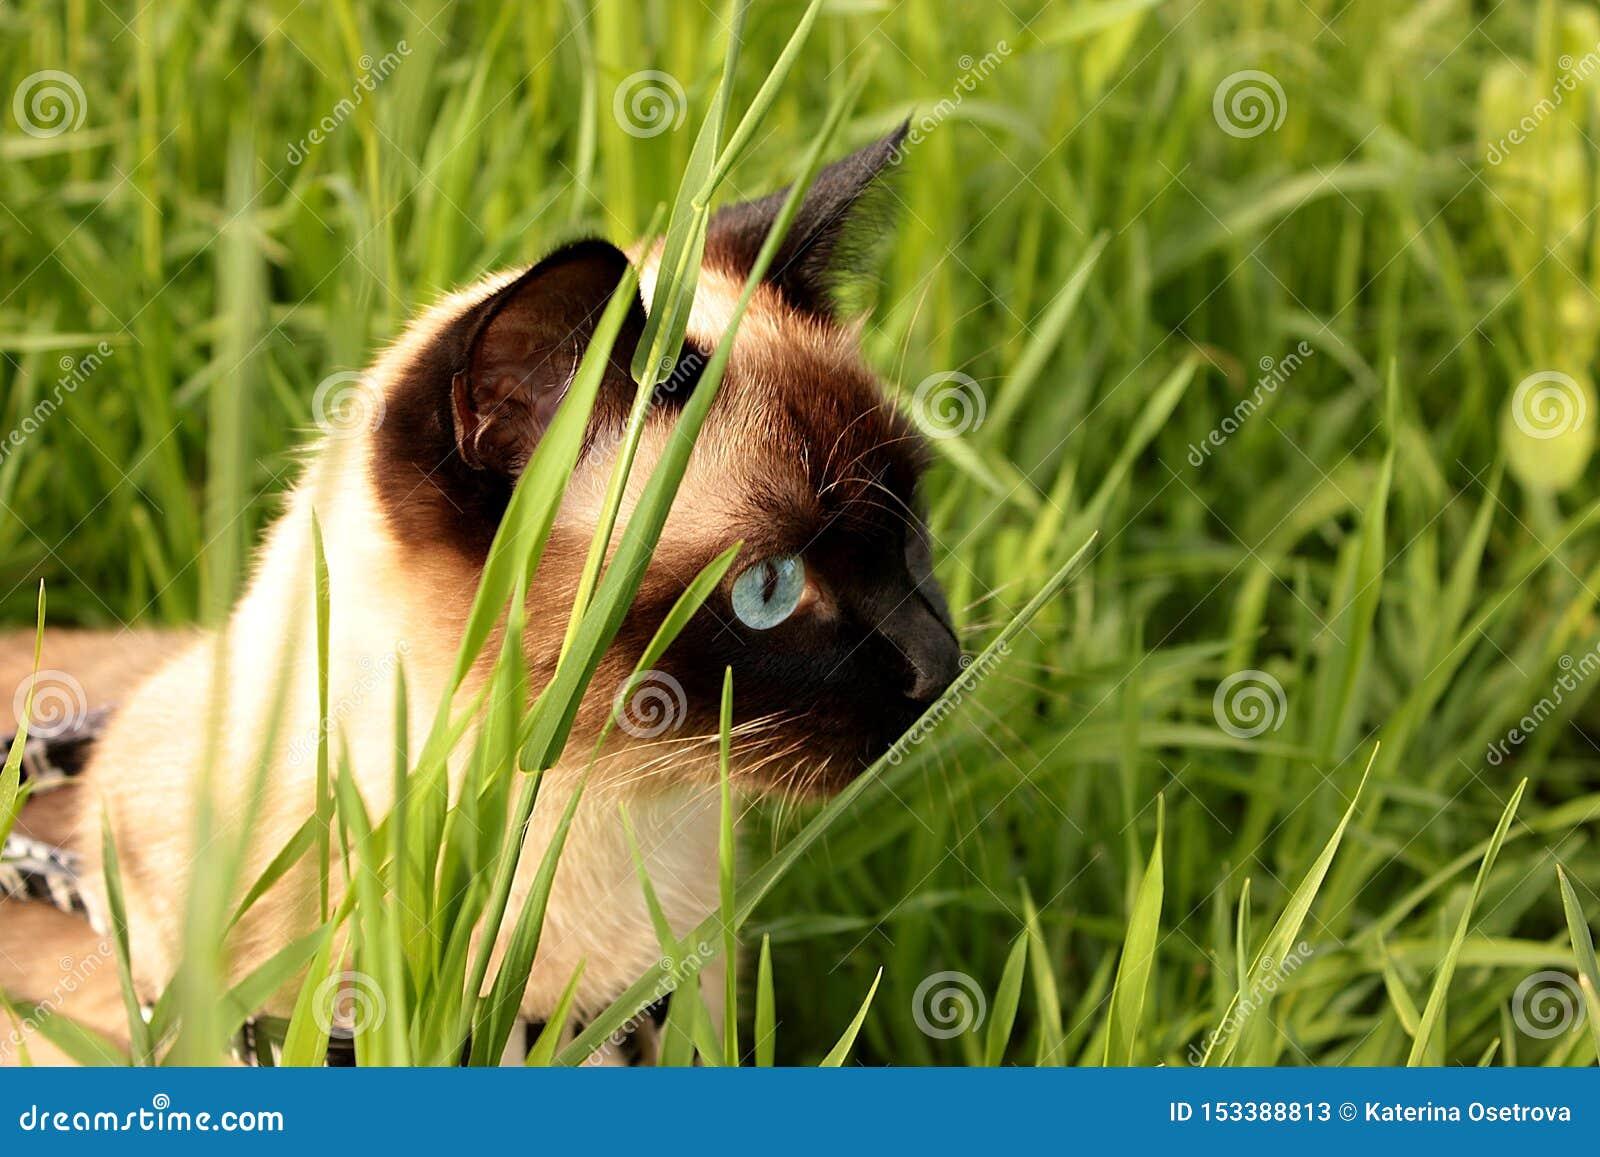 Siamese kat jaagt in het gras